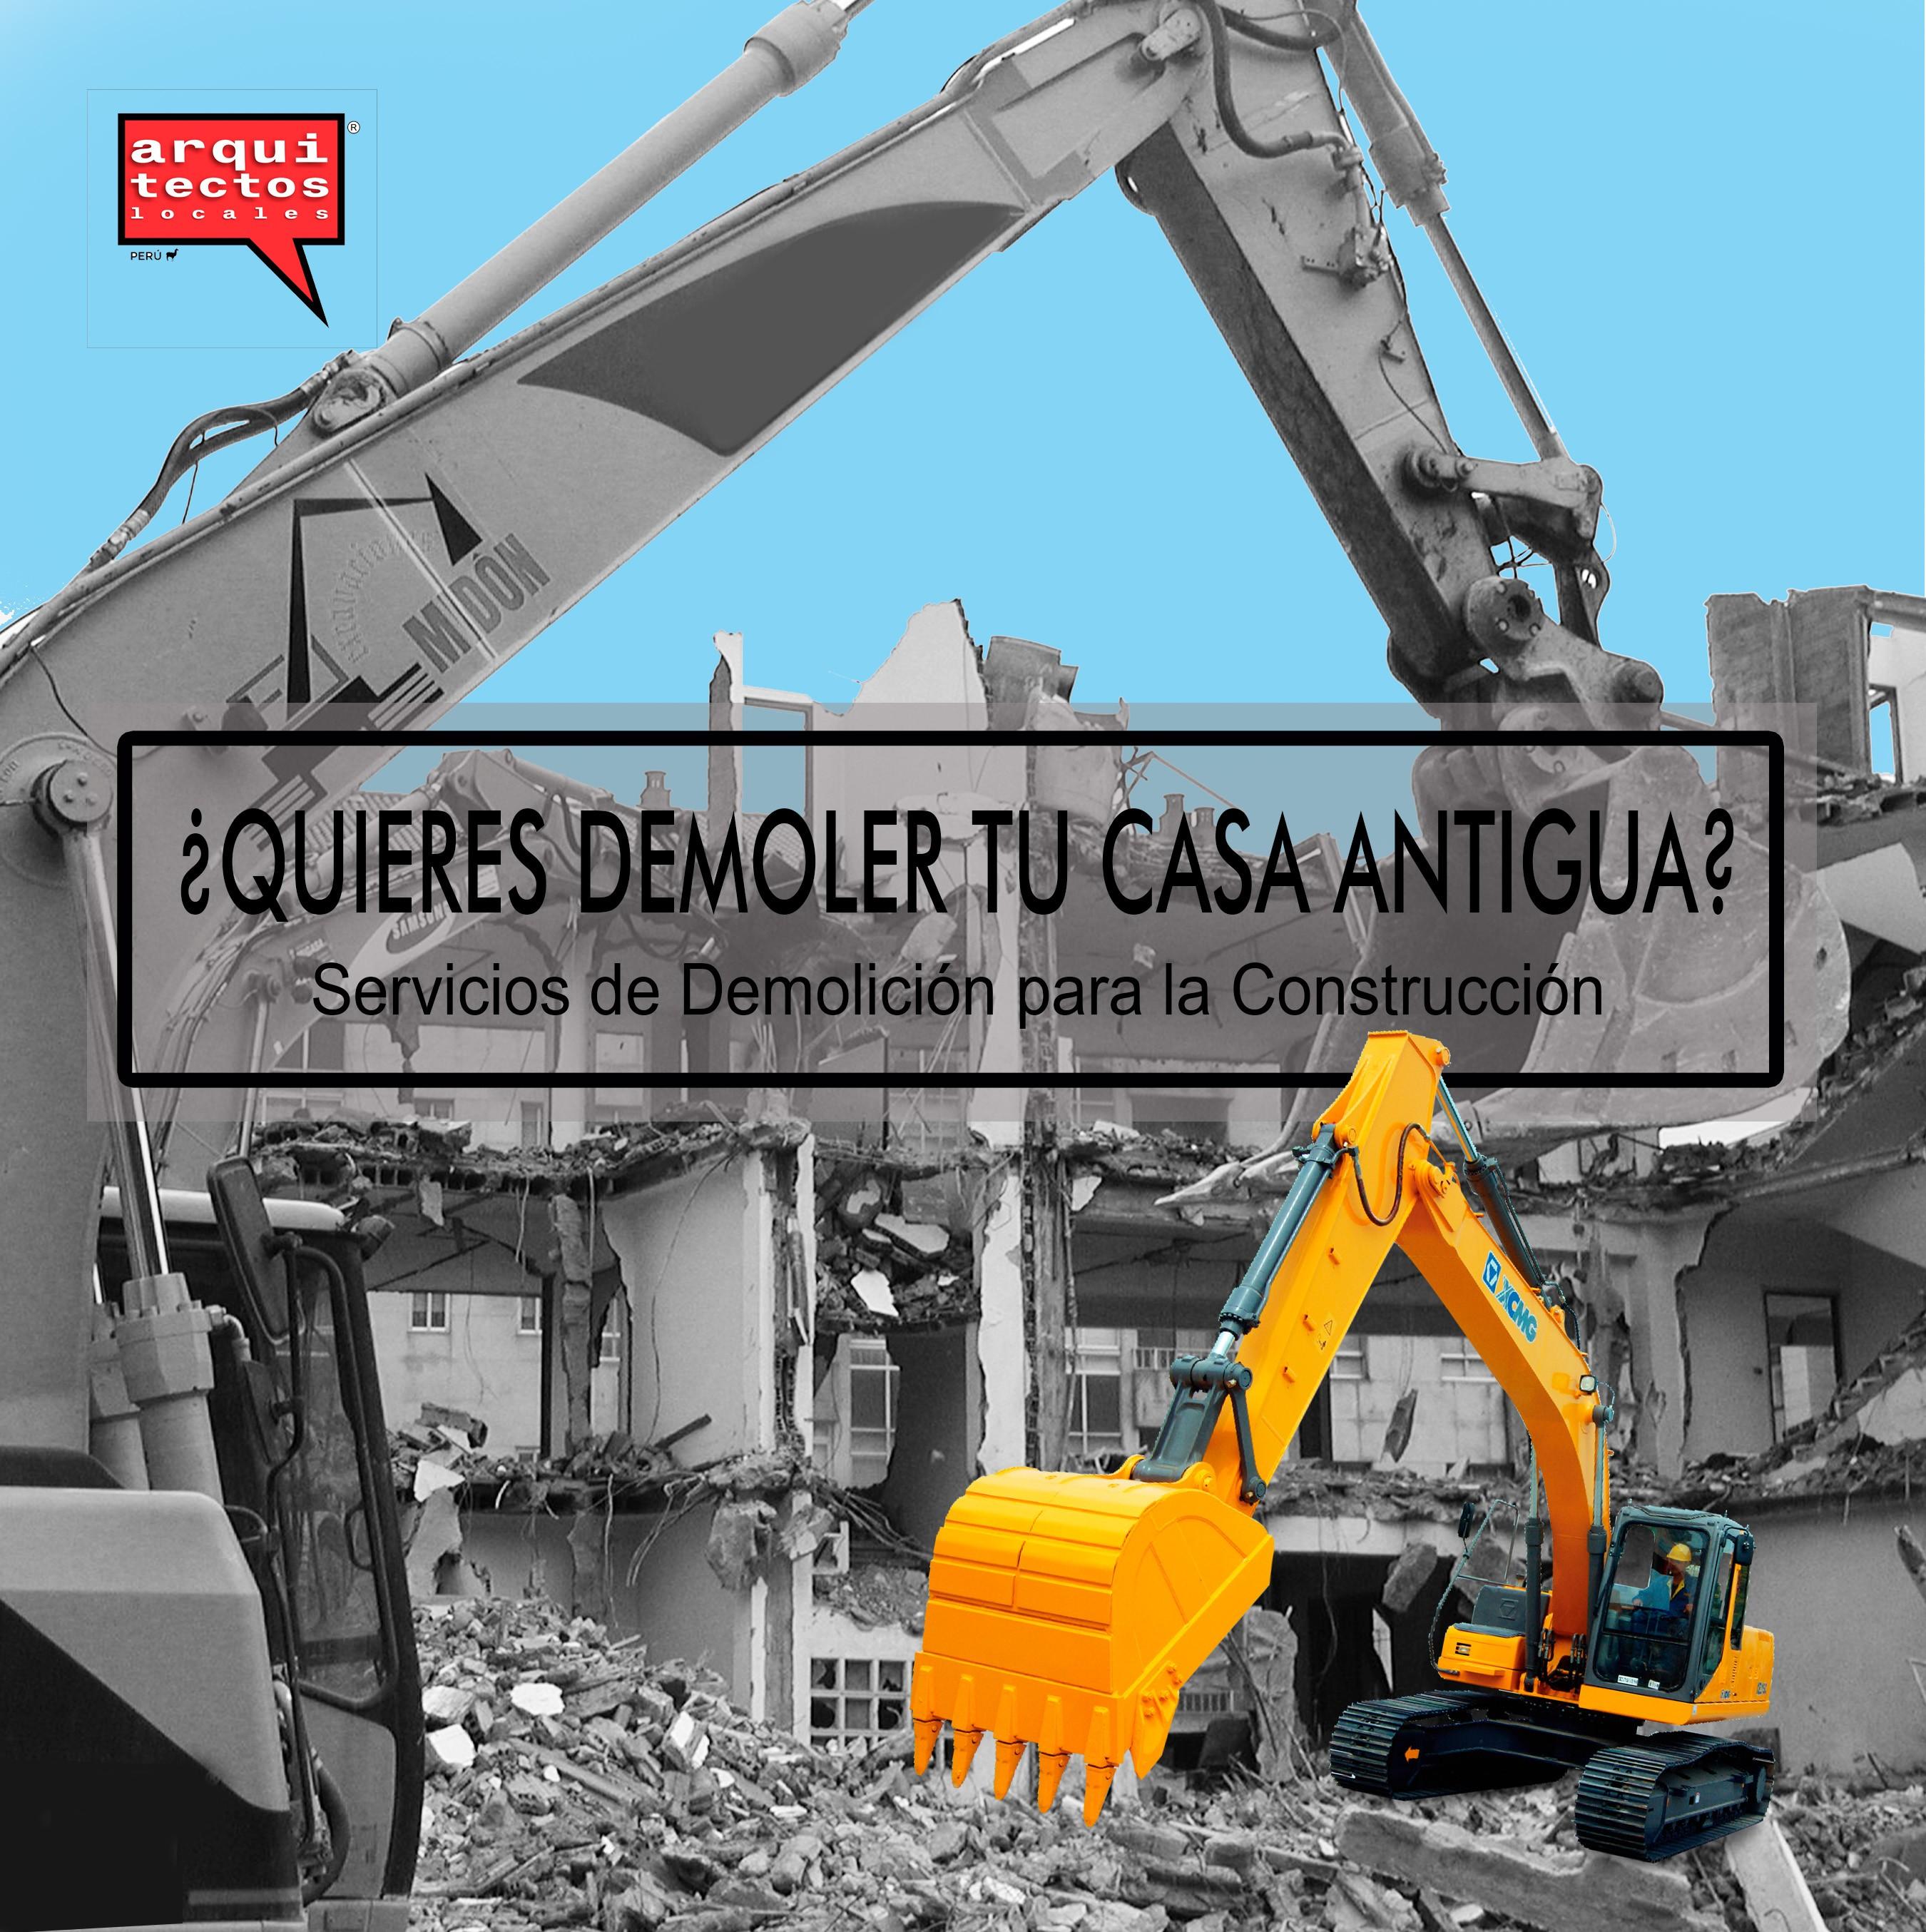 Servicio de Demolición de viviendas